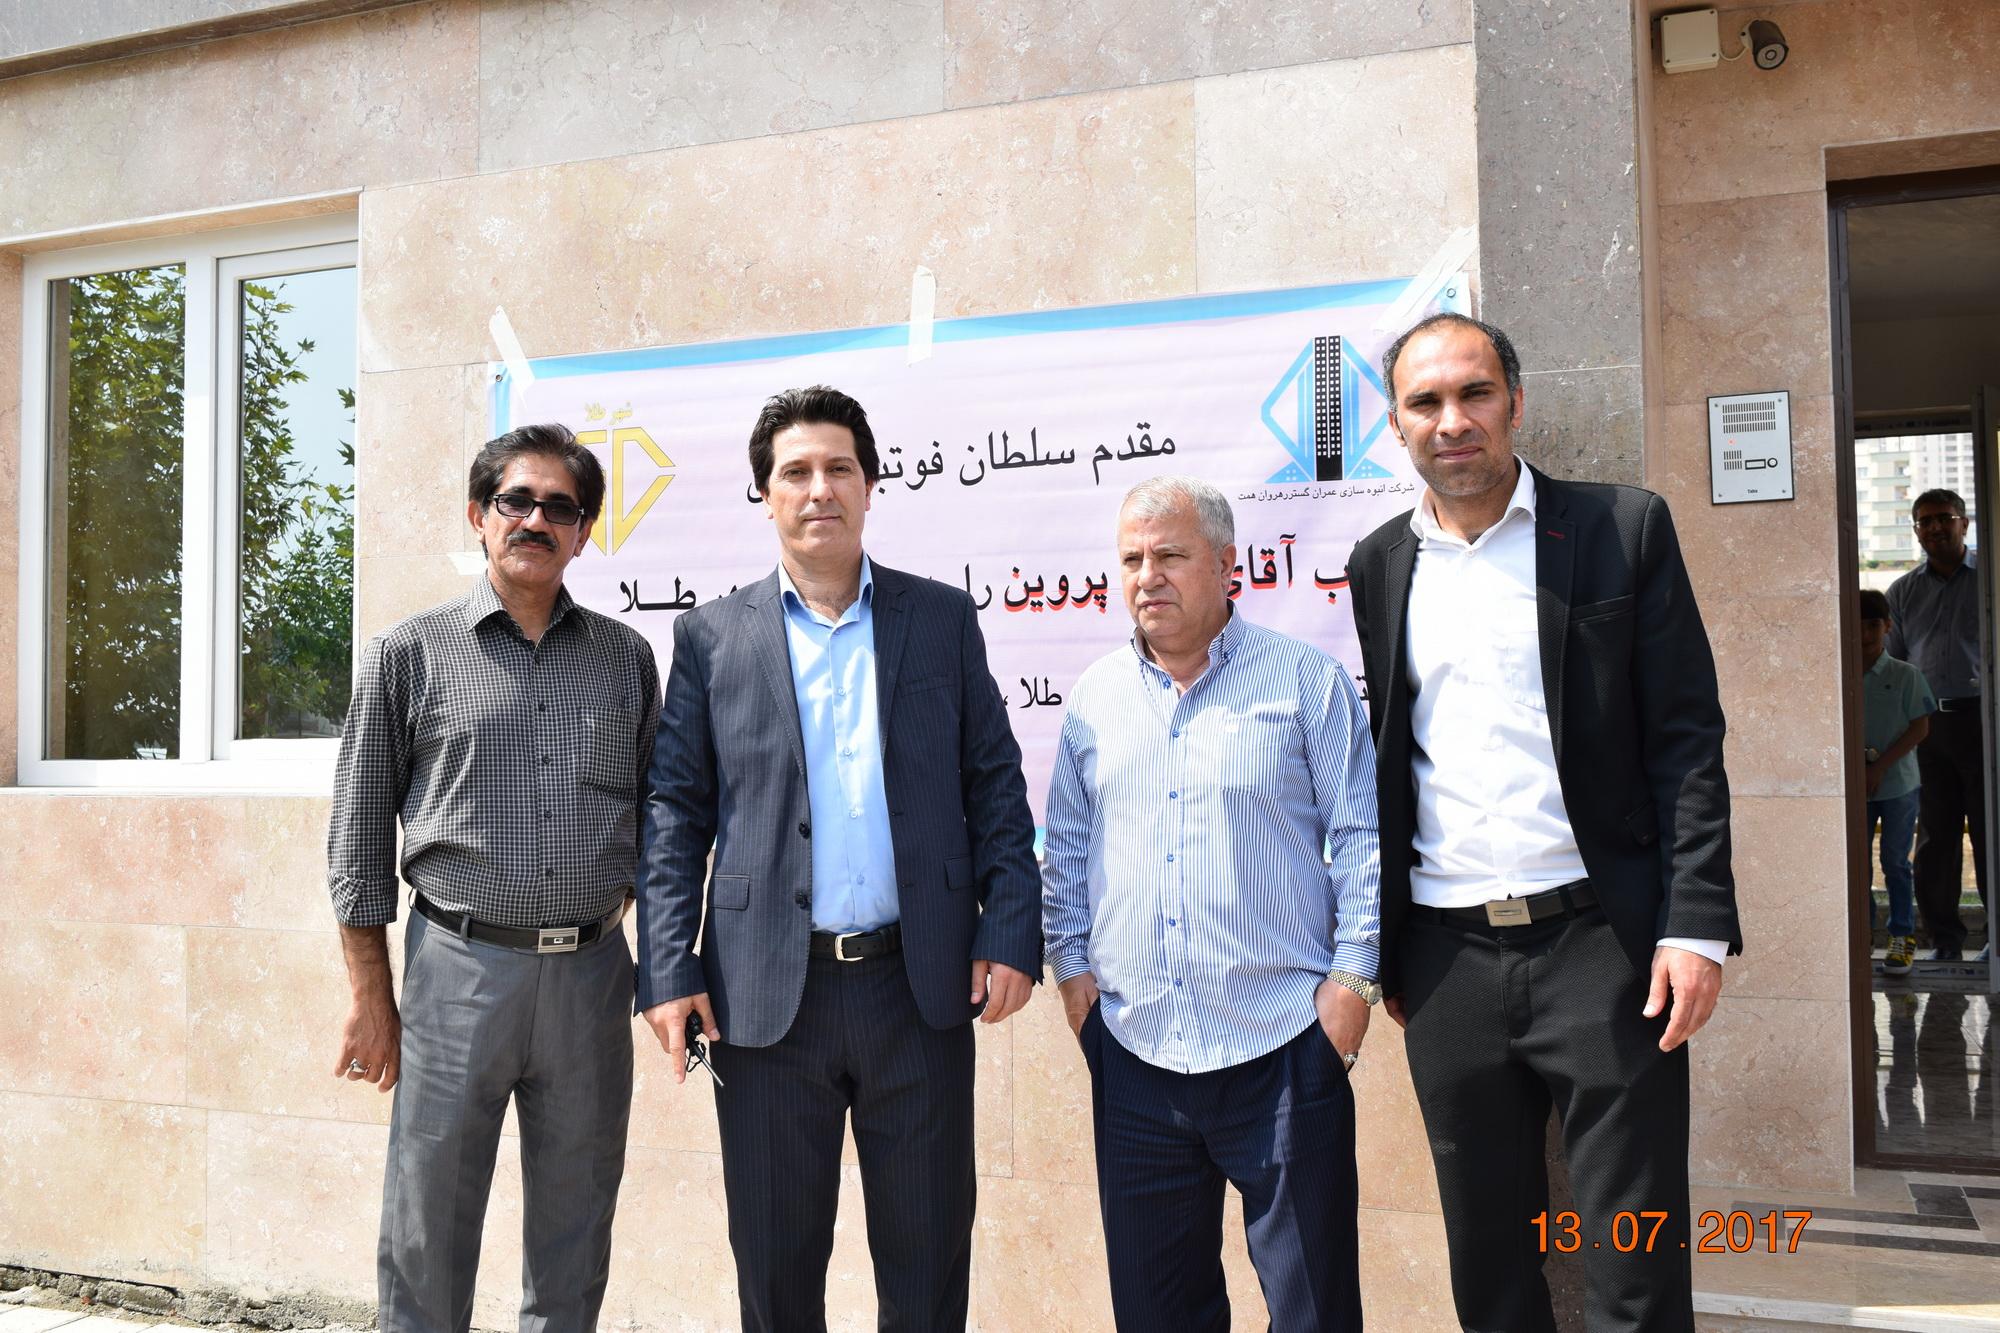 عضویت تلگرام گلستان گزارش بازدید آقای علی پروین از پروژه دریاچه (شهر طلا ...